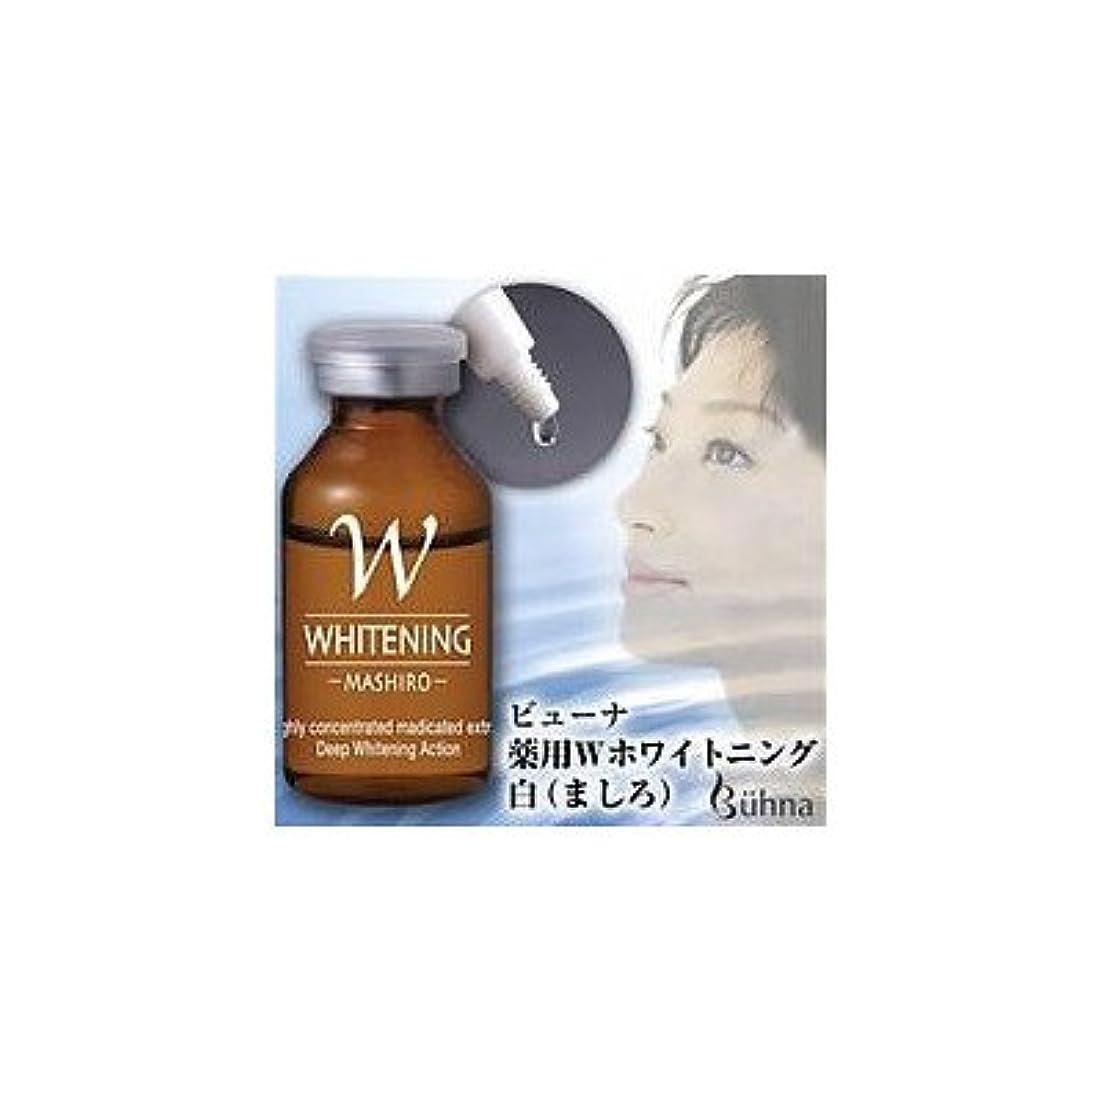 忠実に耳釈義翌朝の肌で感じる美肌力 ビューナ 薬用Wホワイトニング 白